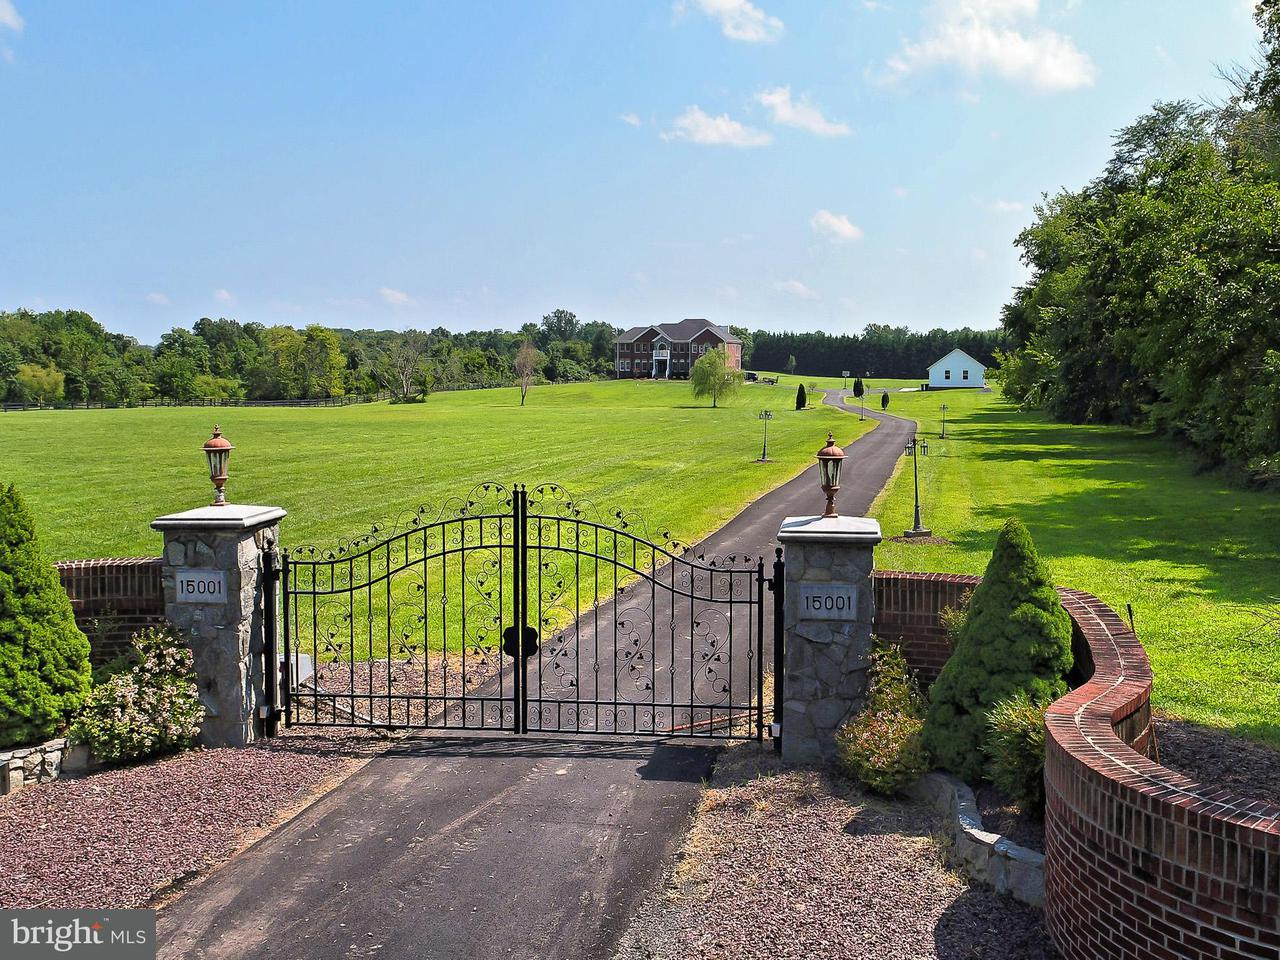 Частный односемейный дом для того Продажа на 15001 Vint Hill Road 15001 Vint Hill Road Nokesville, Виргиния 20181 Соединенные Штаты